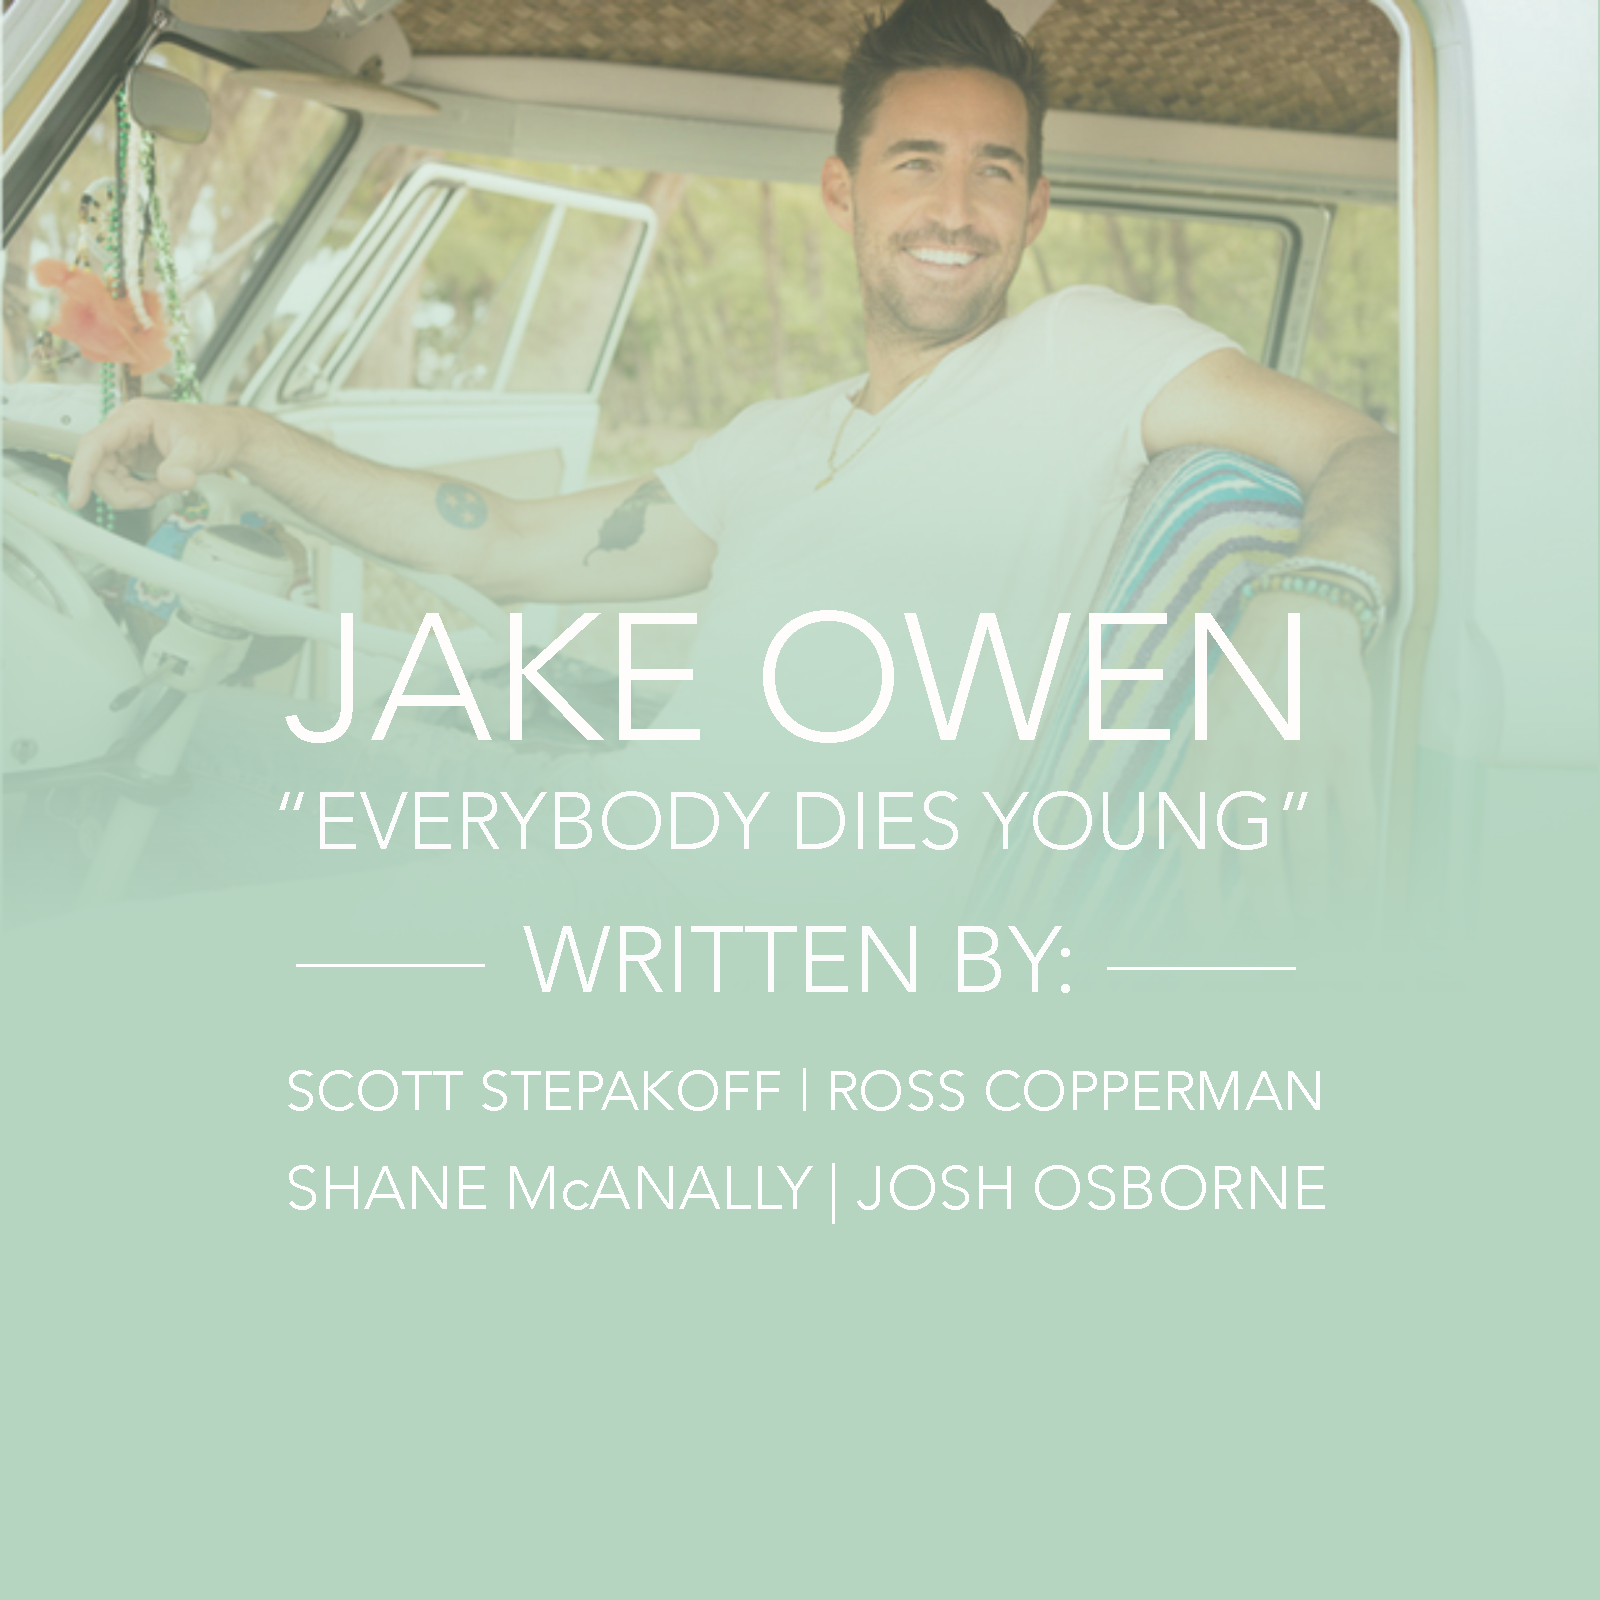 Jake Owen.png